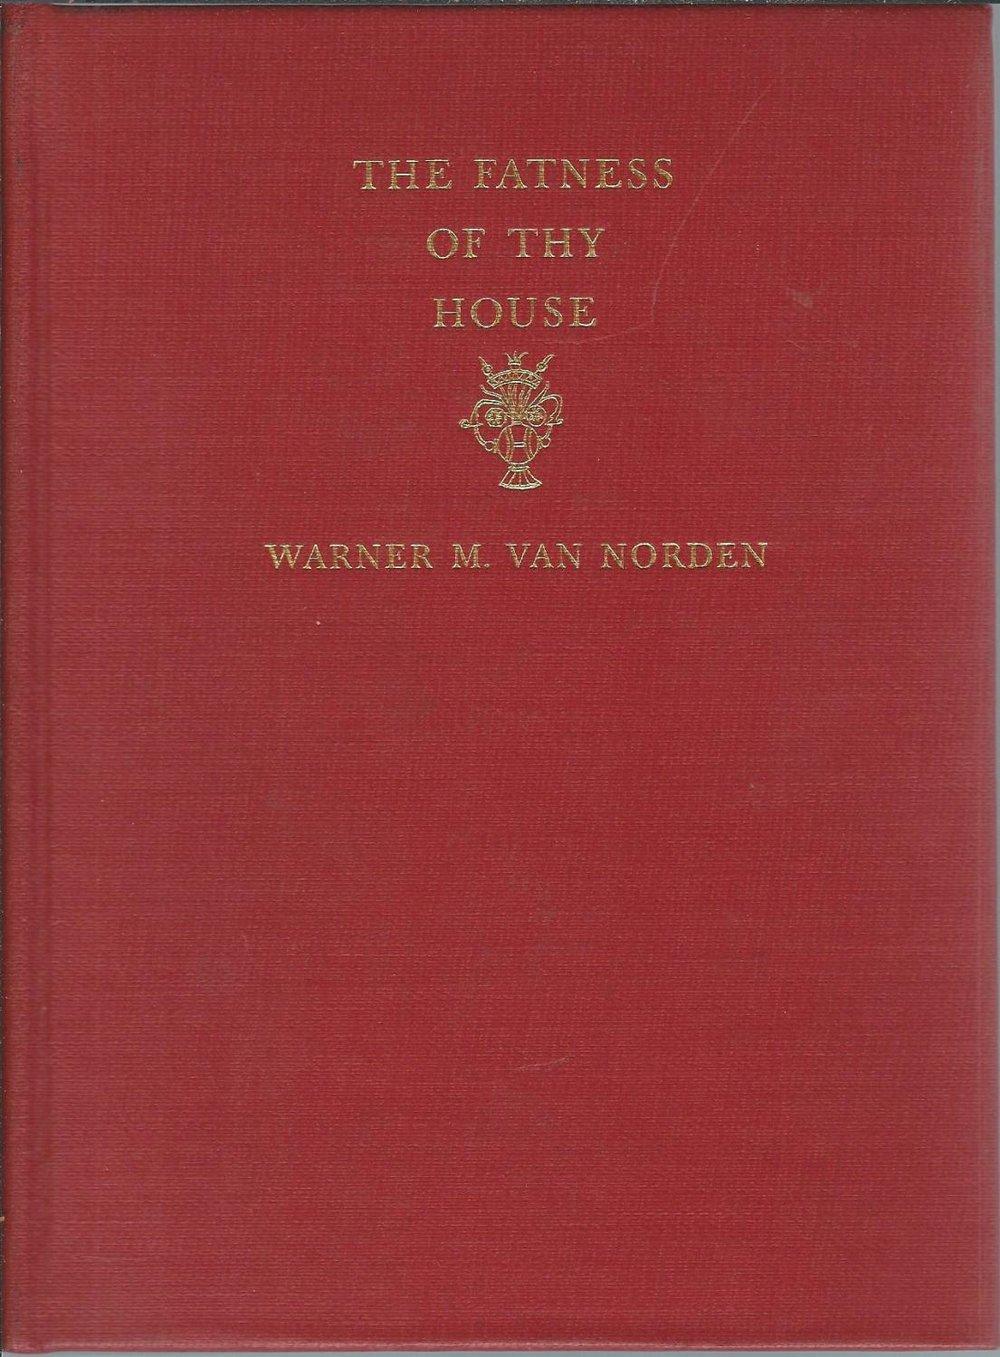 Van Norden, Warner, The Fatness of Thy House.jpg